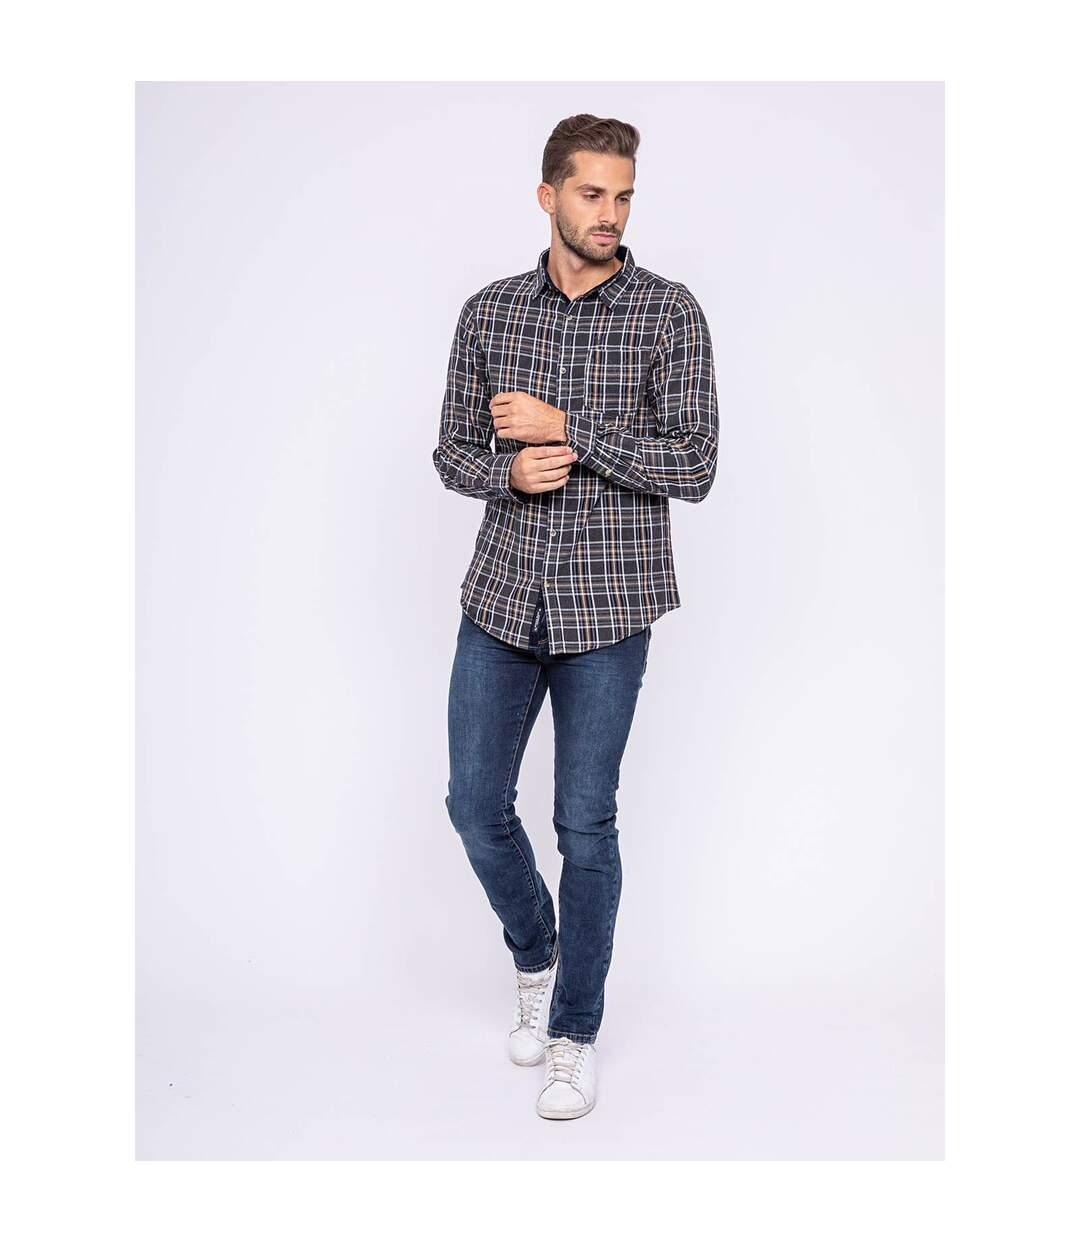 Chemise manches longues carreaux pur coton TILOUP - RITCHIE